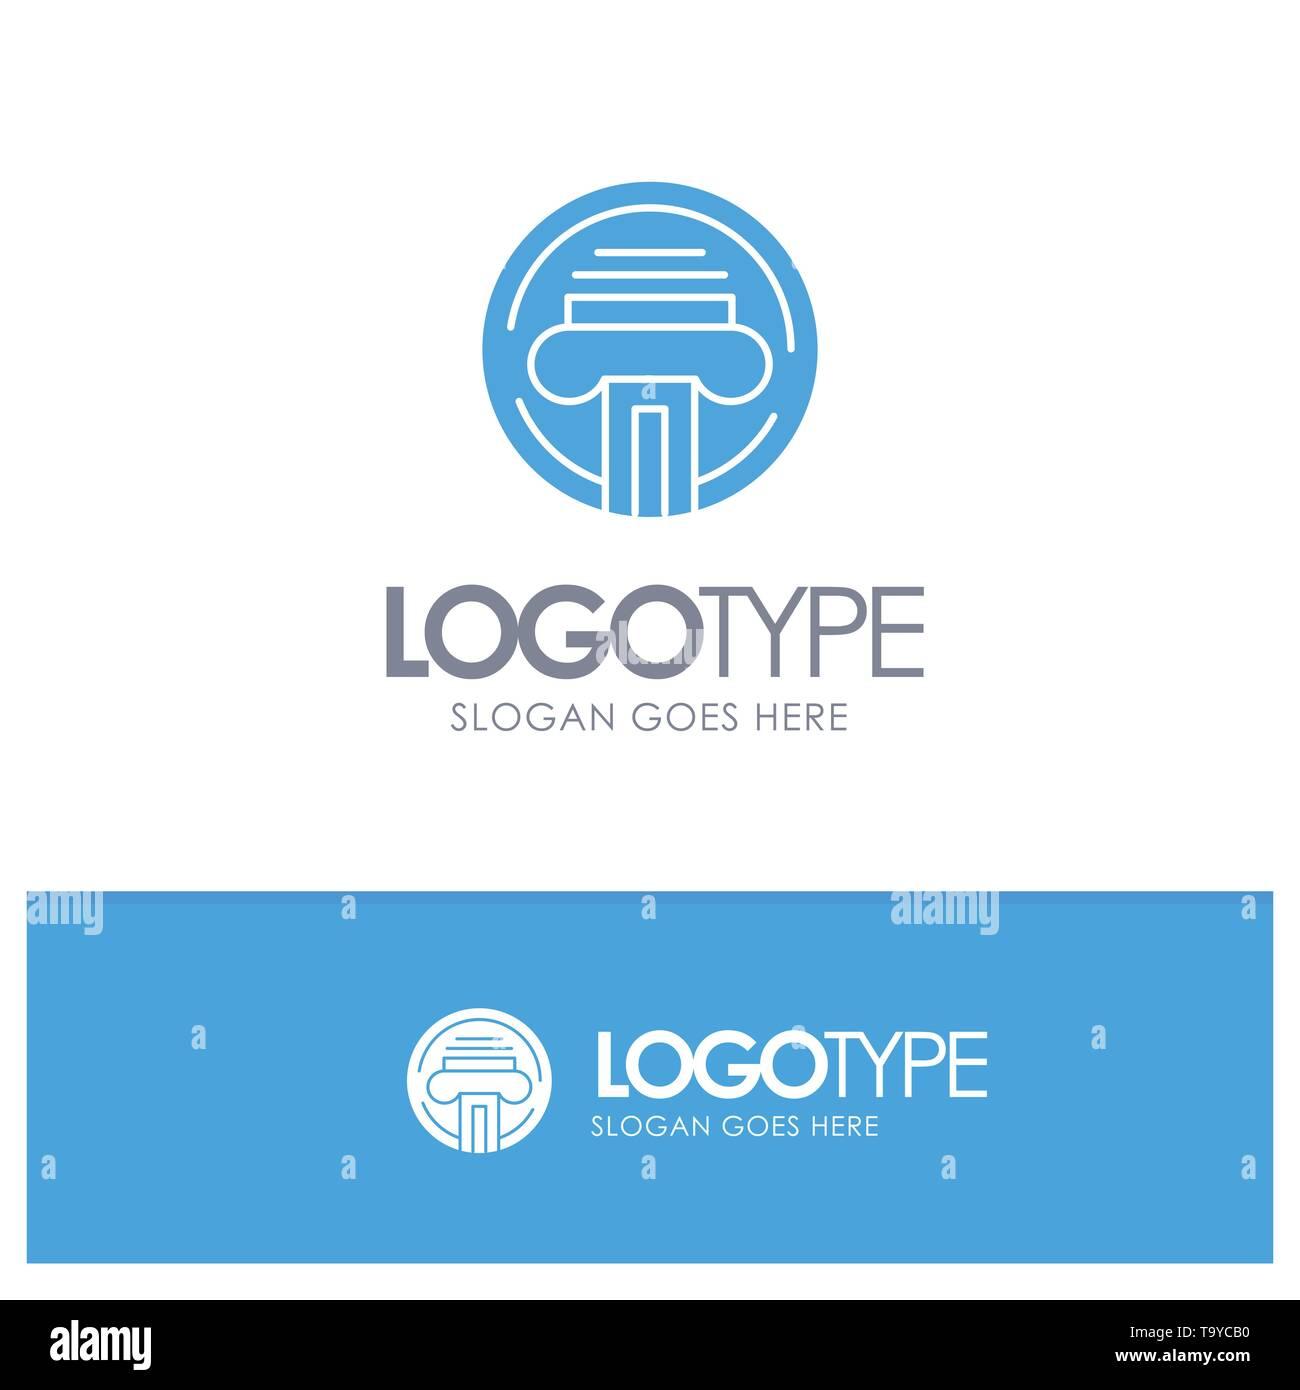 Type d'imprimante, machine à écrire, écrivain, solide bleu avec logo pour signature Illustration de Vecteur